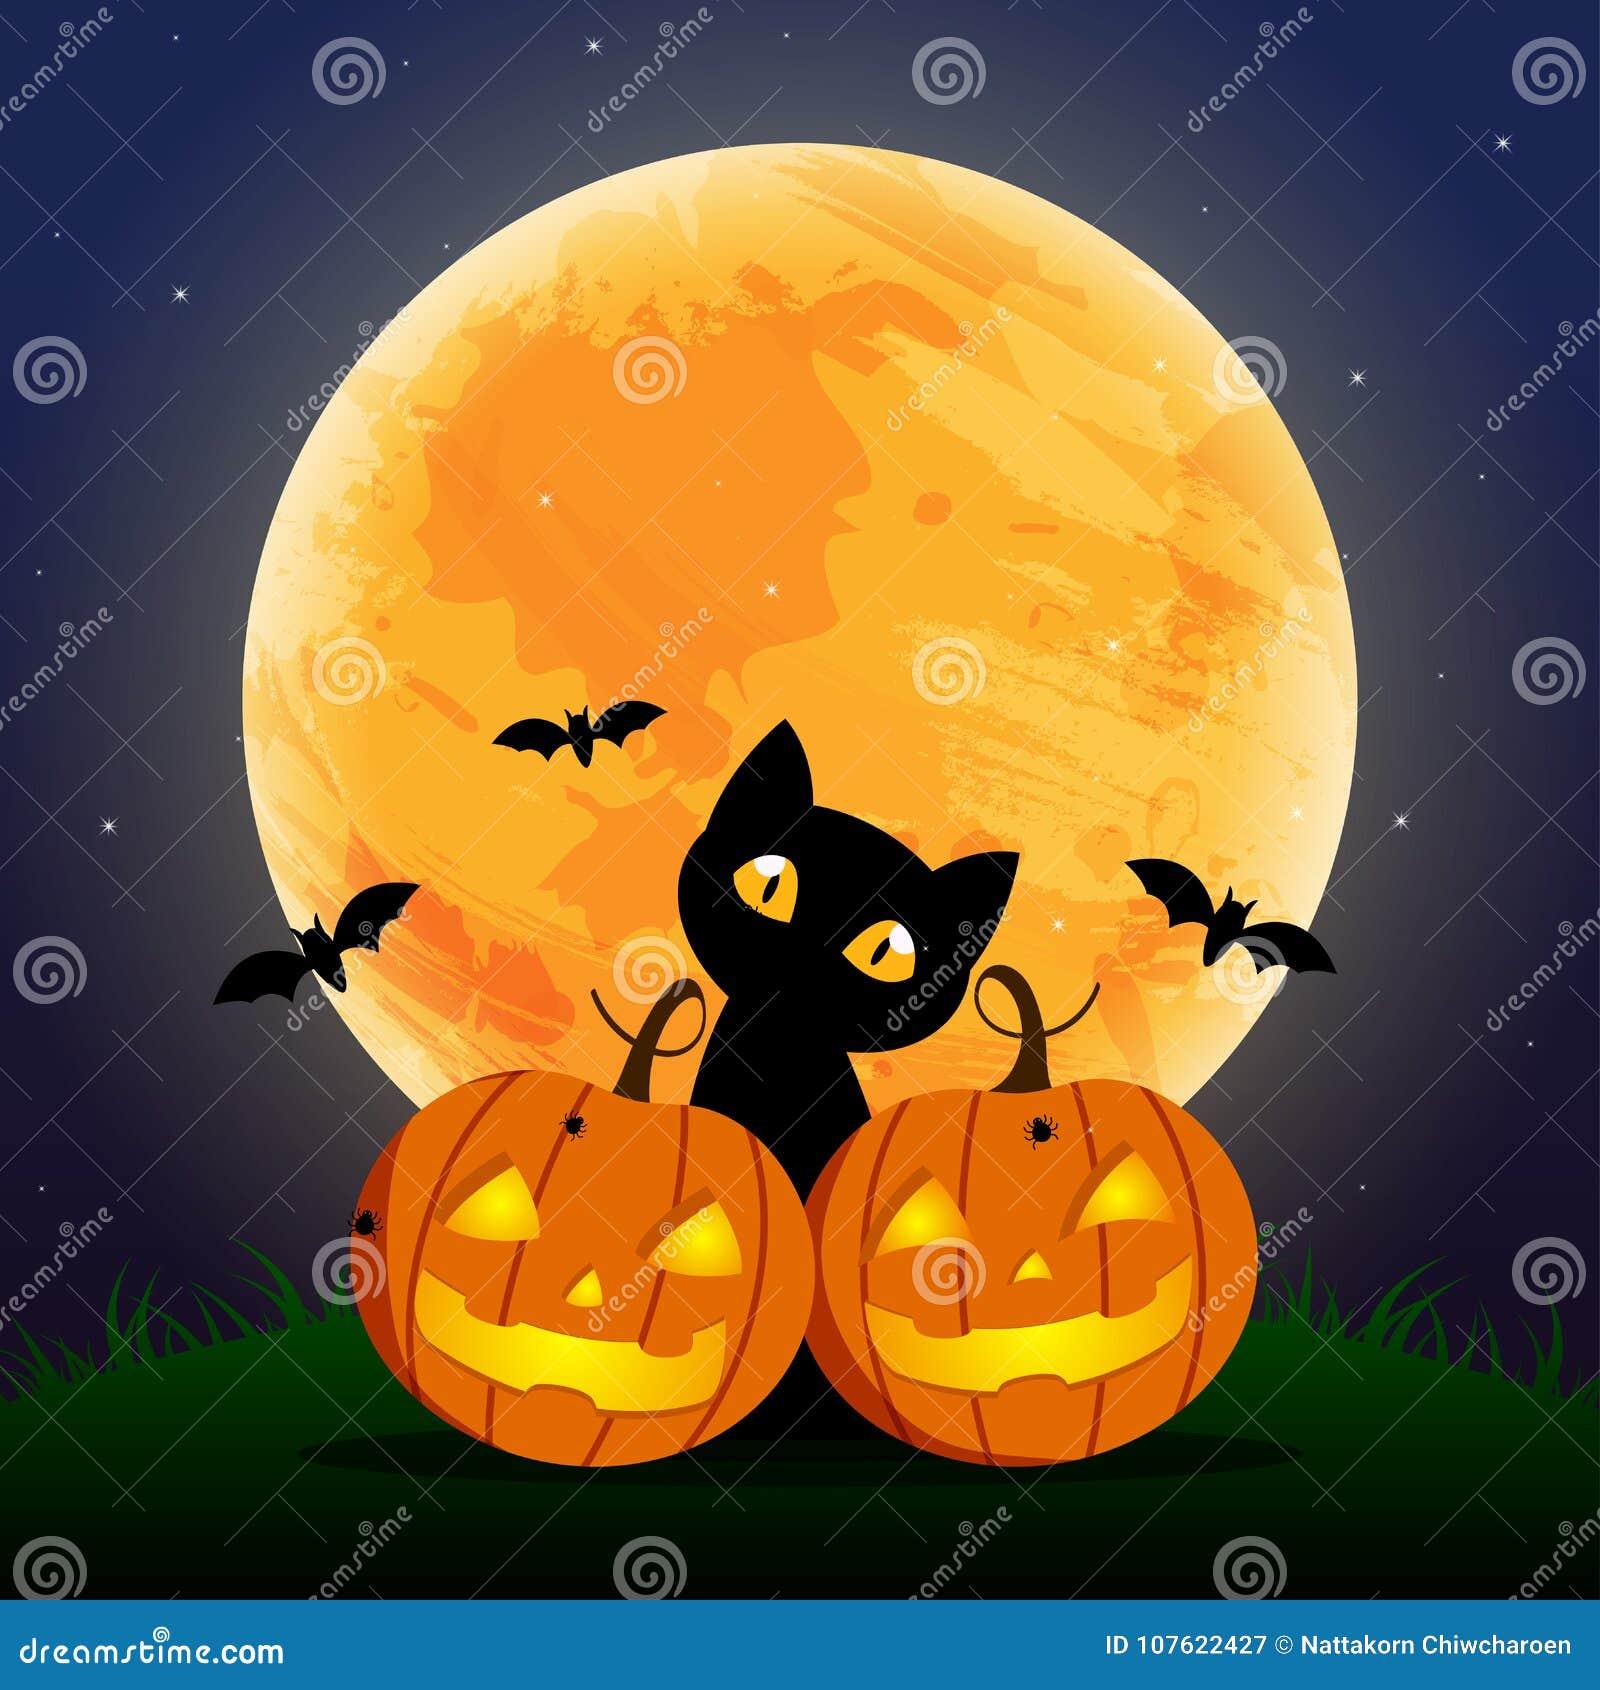 Zucca Halloween Gatto.Giorno Felice Di Halloween Pipistrello E Ragno Del Gatto